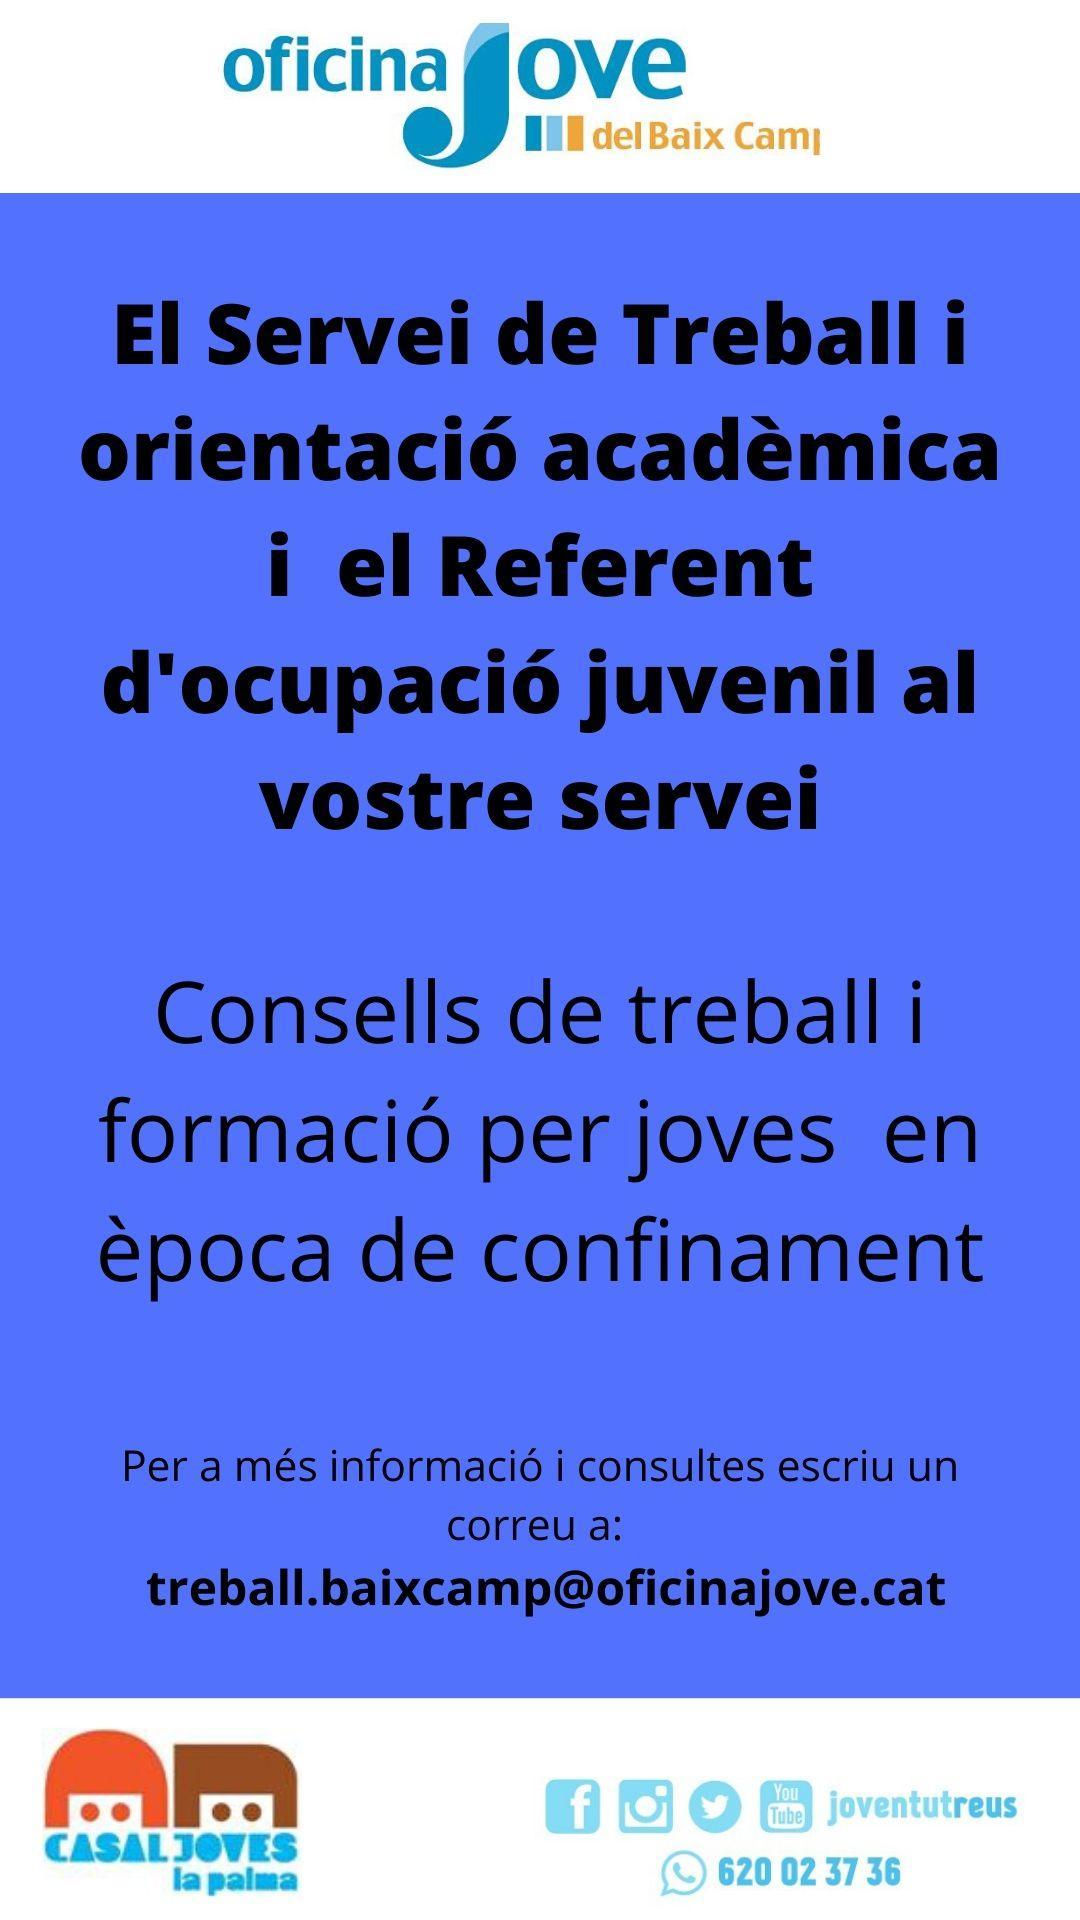 Consells de treball i formació per a joves en època de confinament 26/05/2020